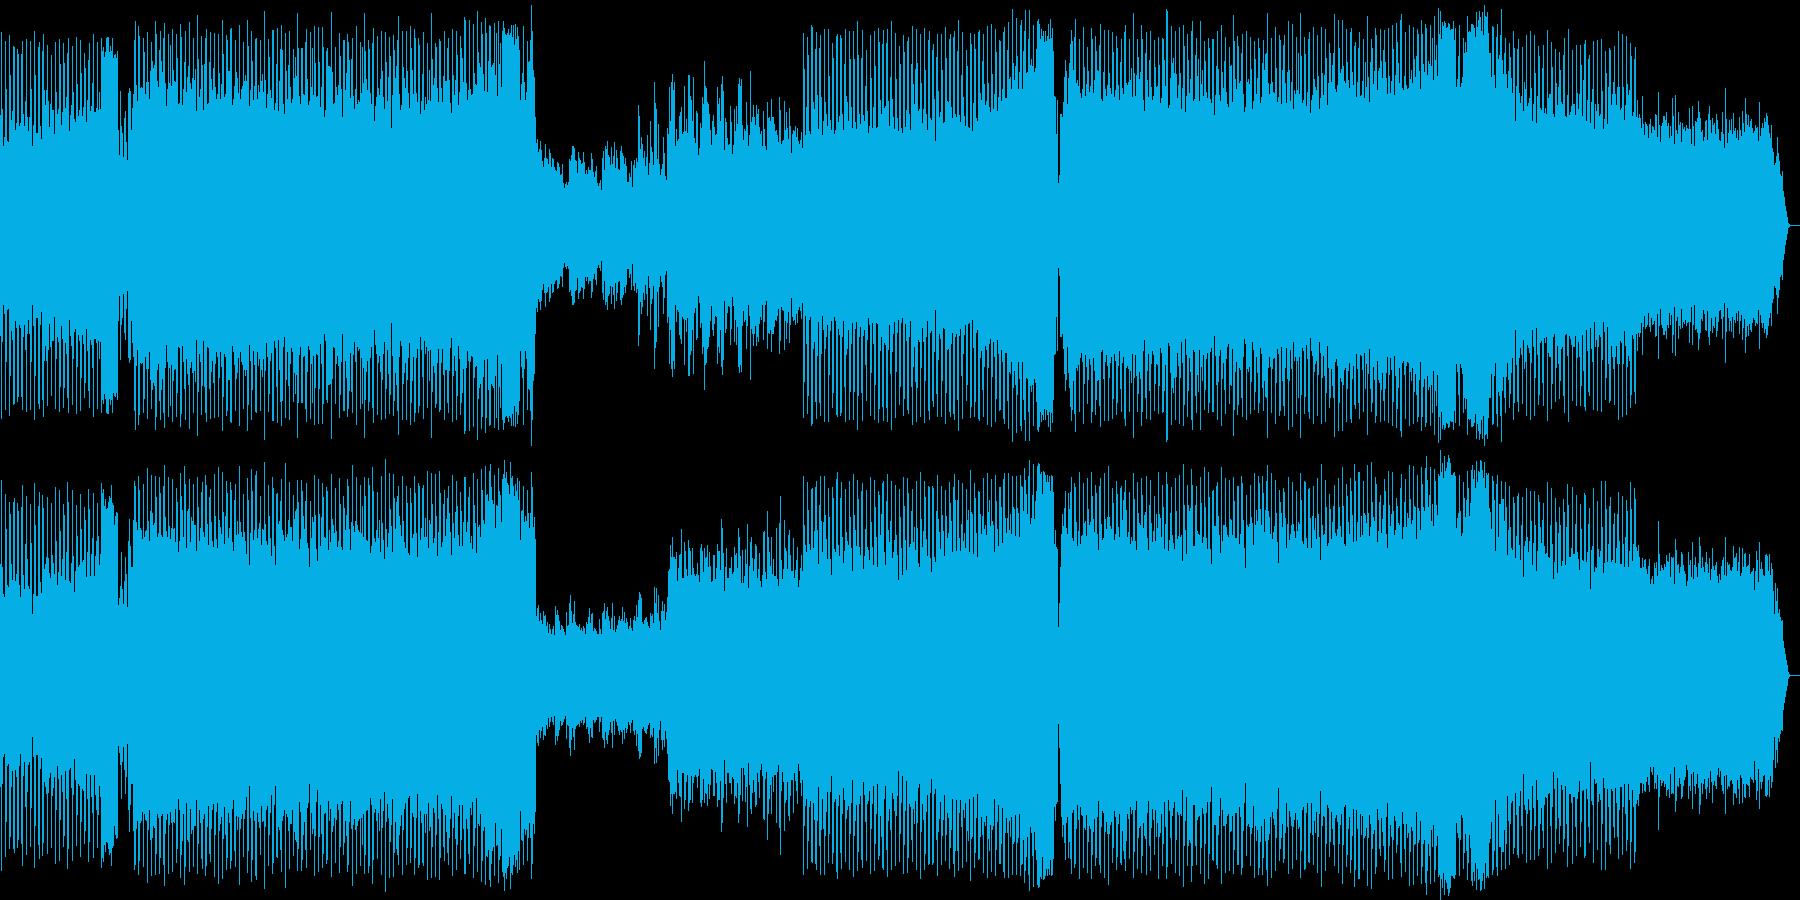 キラキラした4つ打ちのハウスの音の再生済みの波形